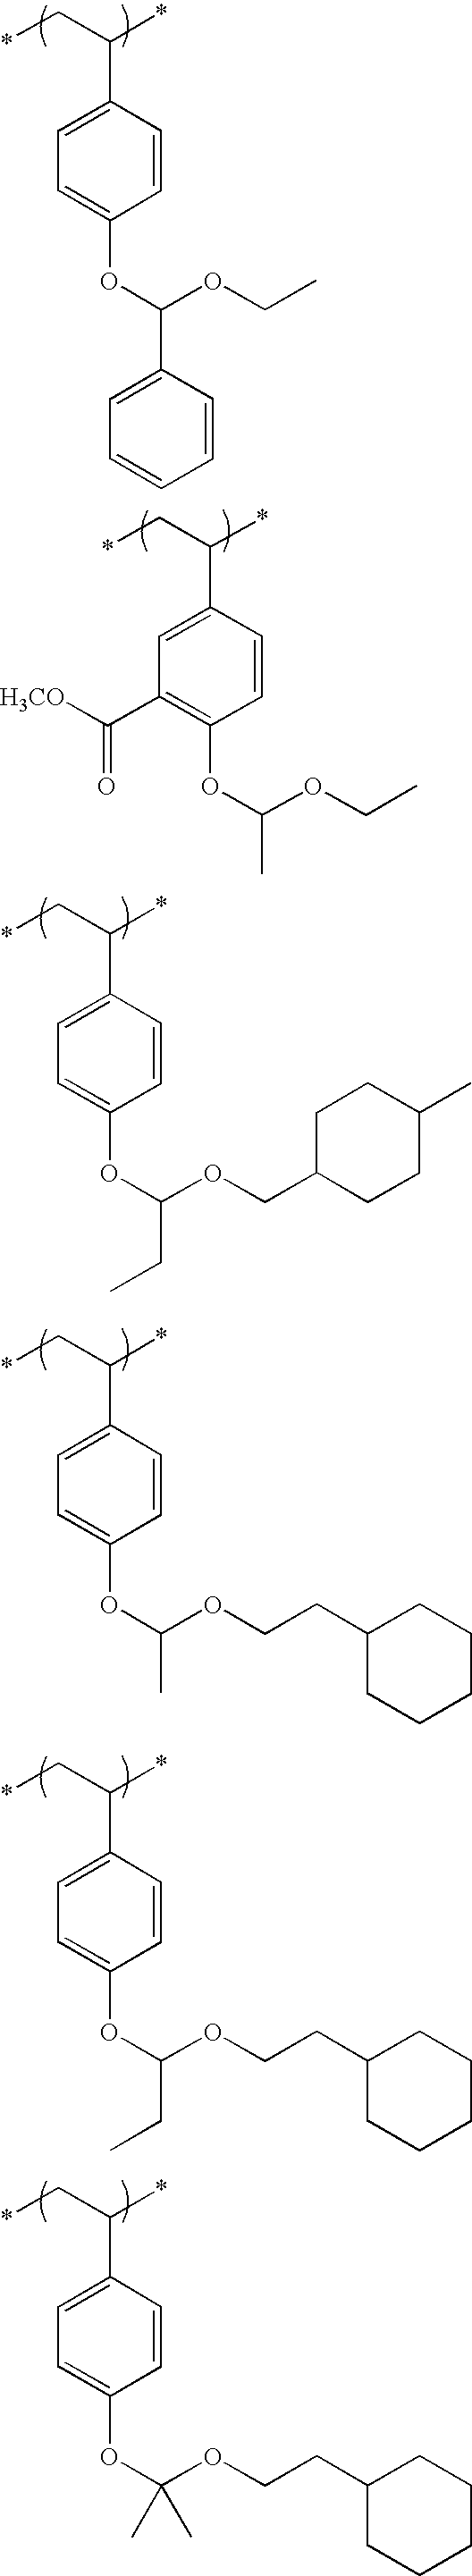 Figure US08852845-20141007-C00087